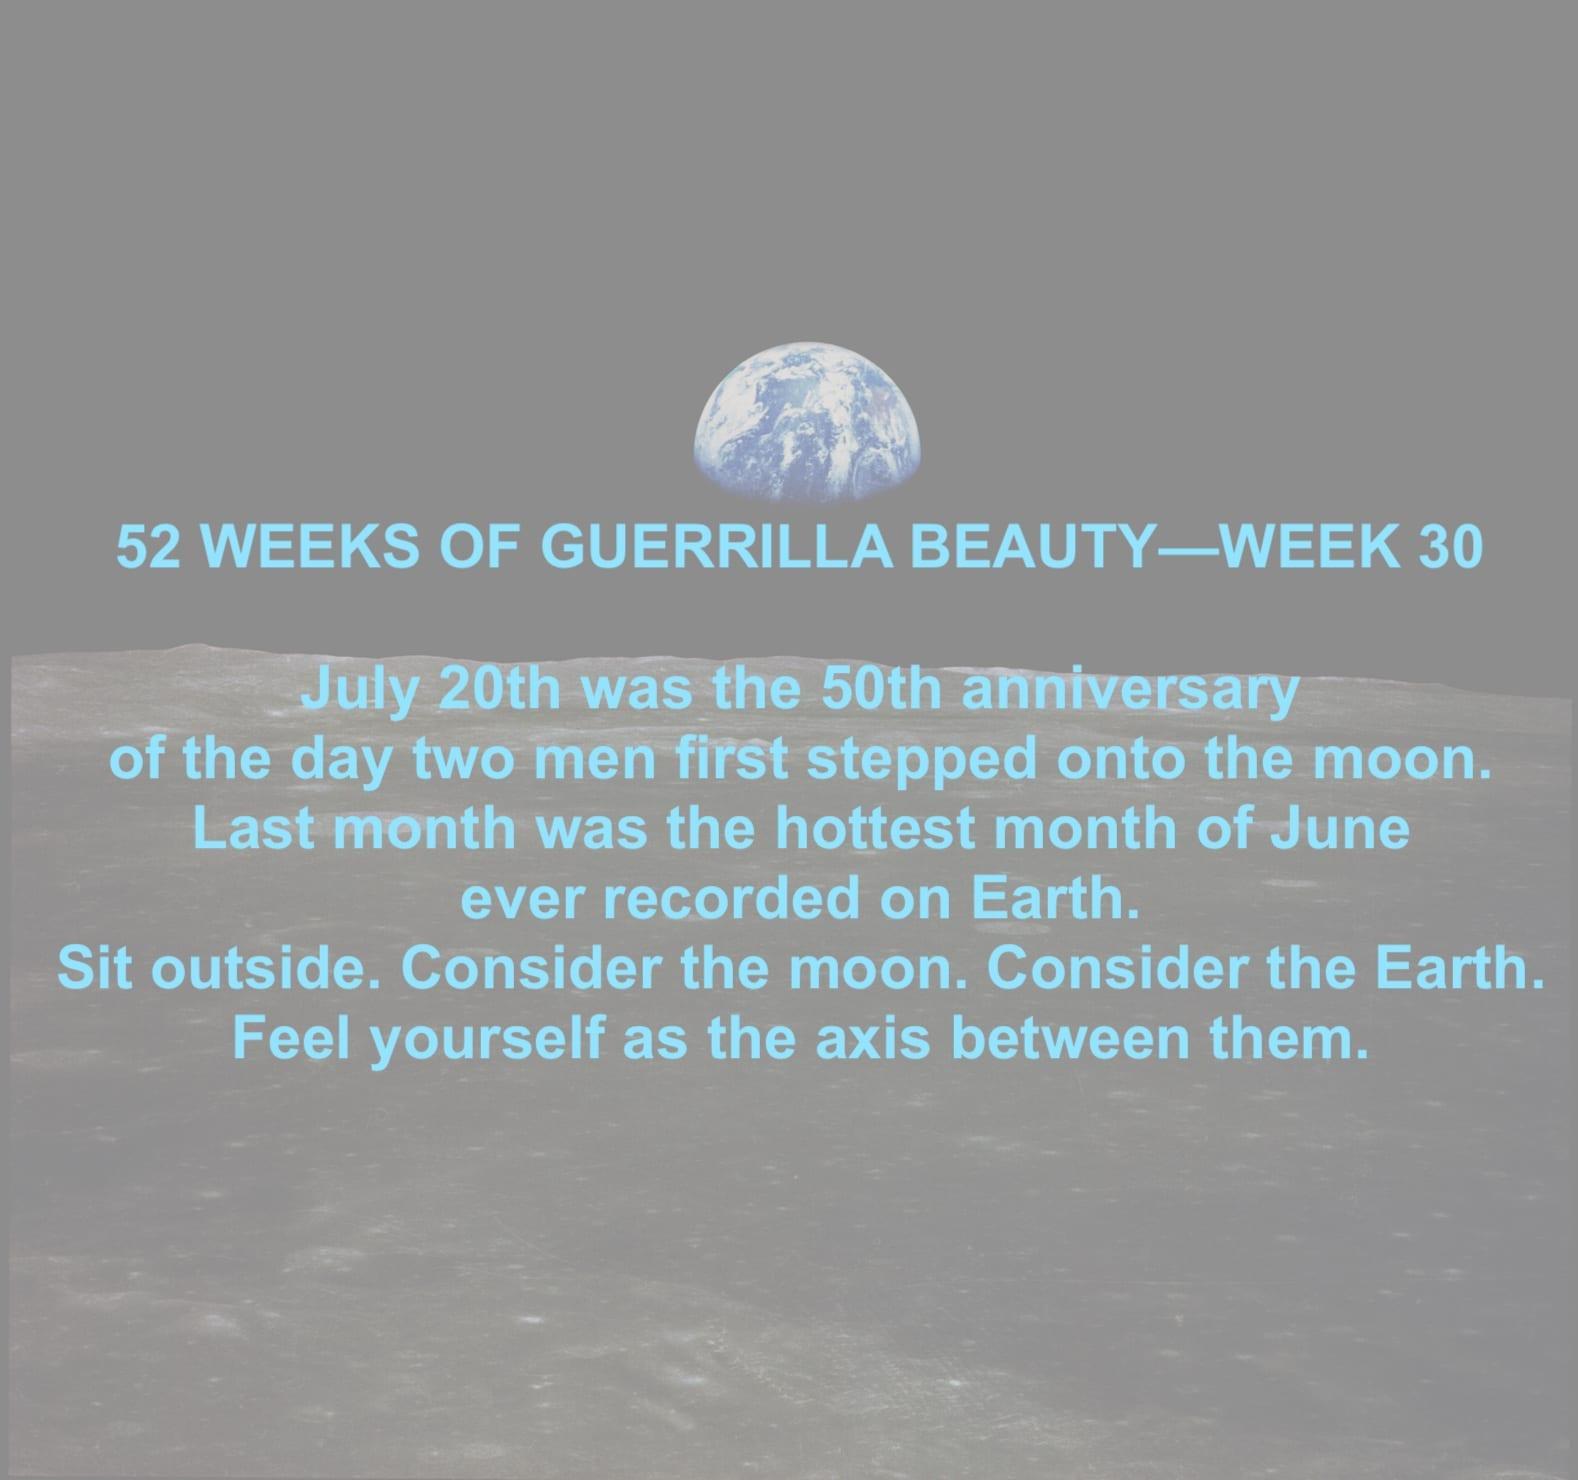 52 WEEKS—30